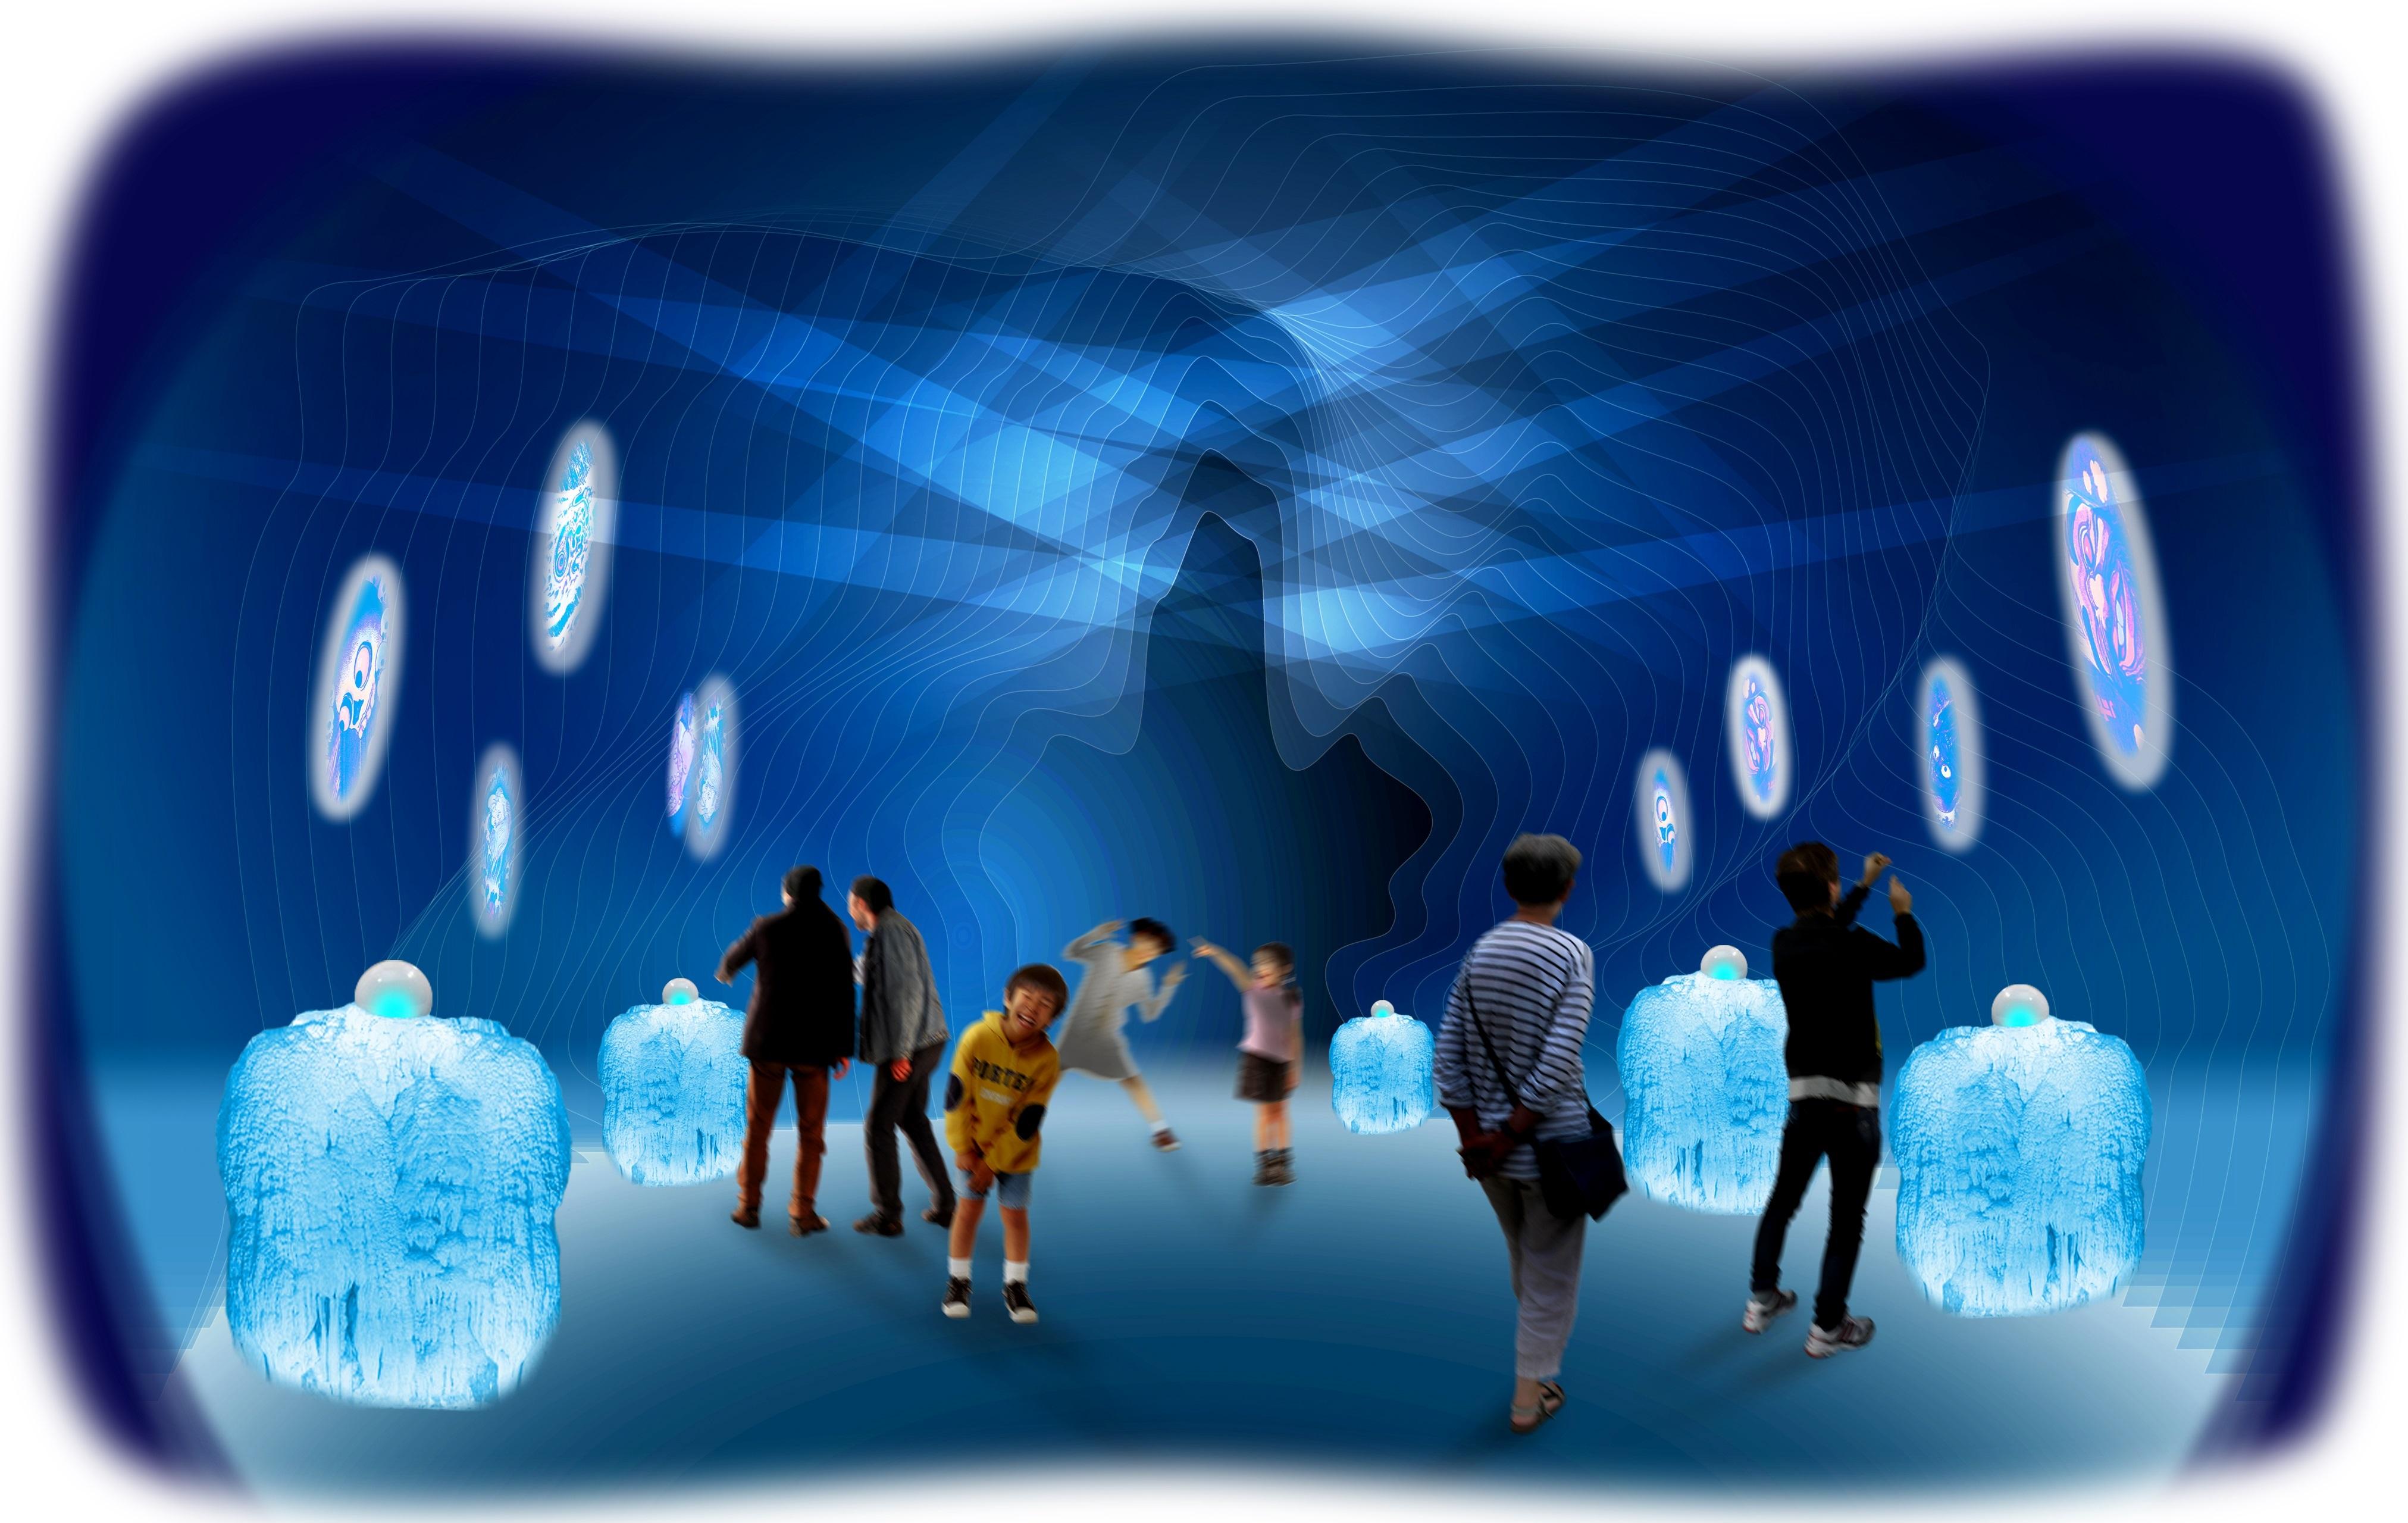 妖光の洞窟イメージ (C)水木プロダクション